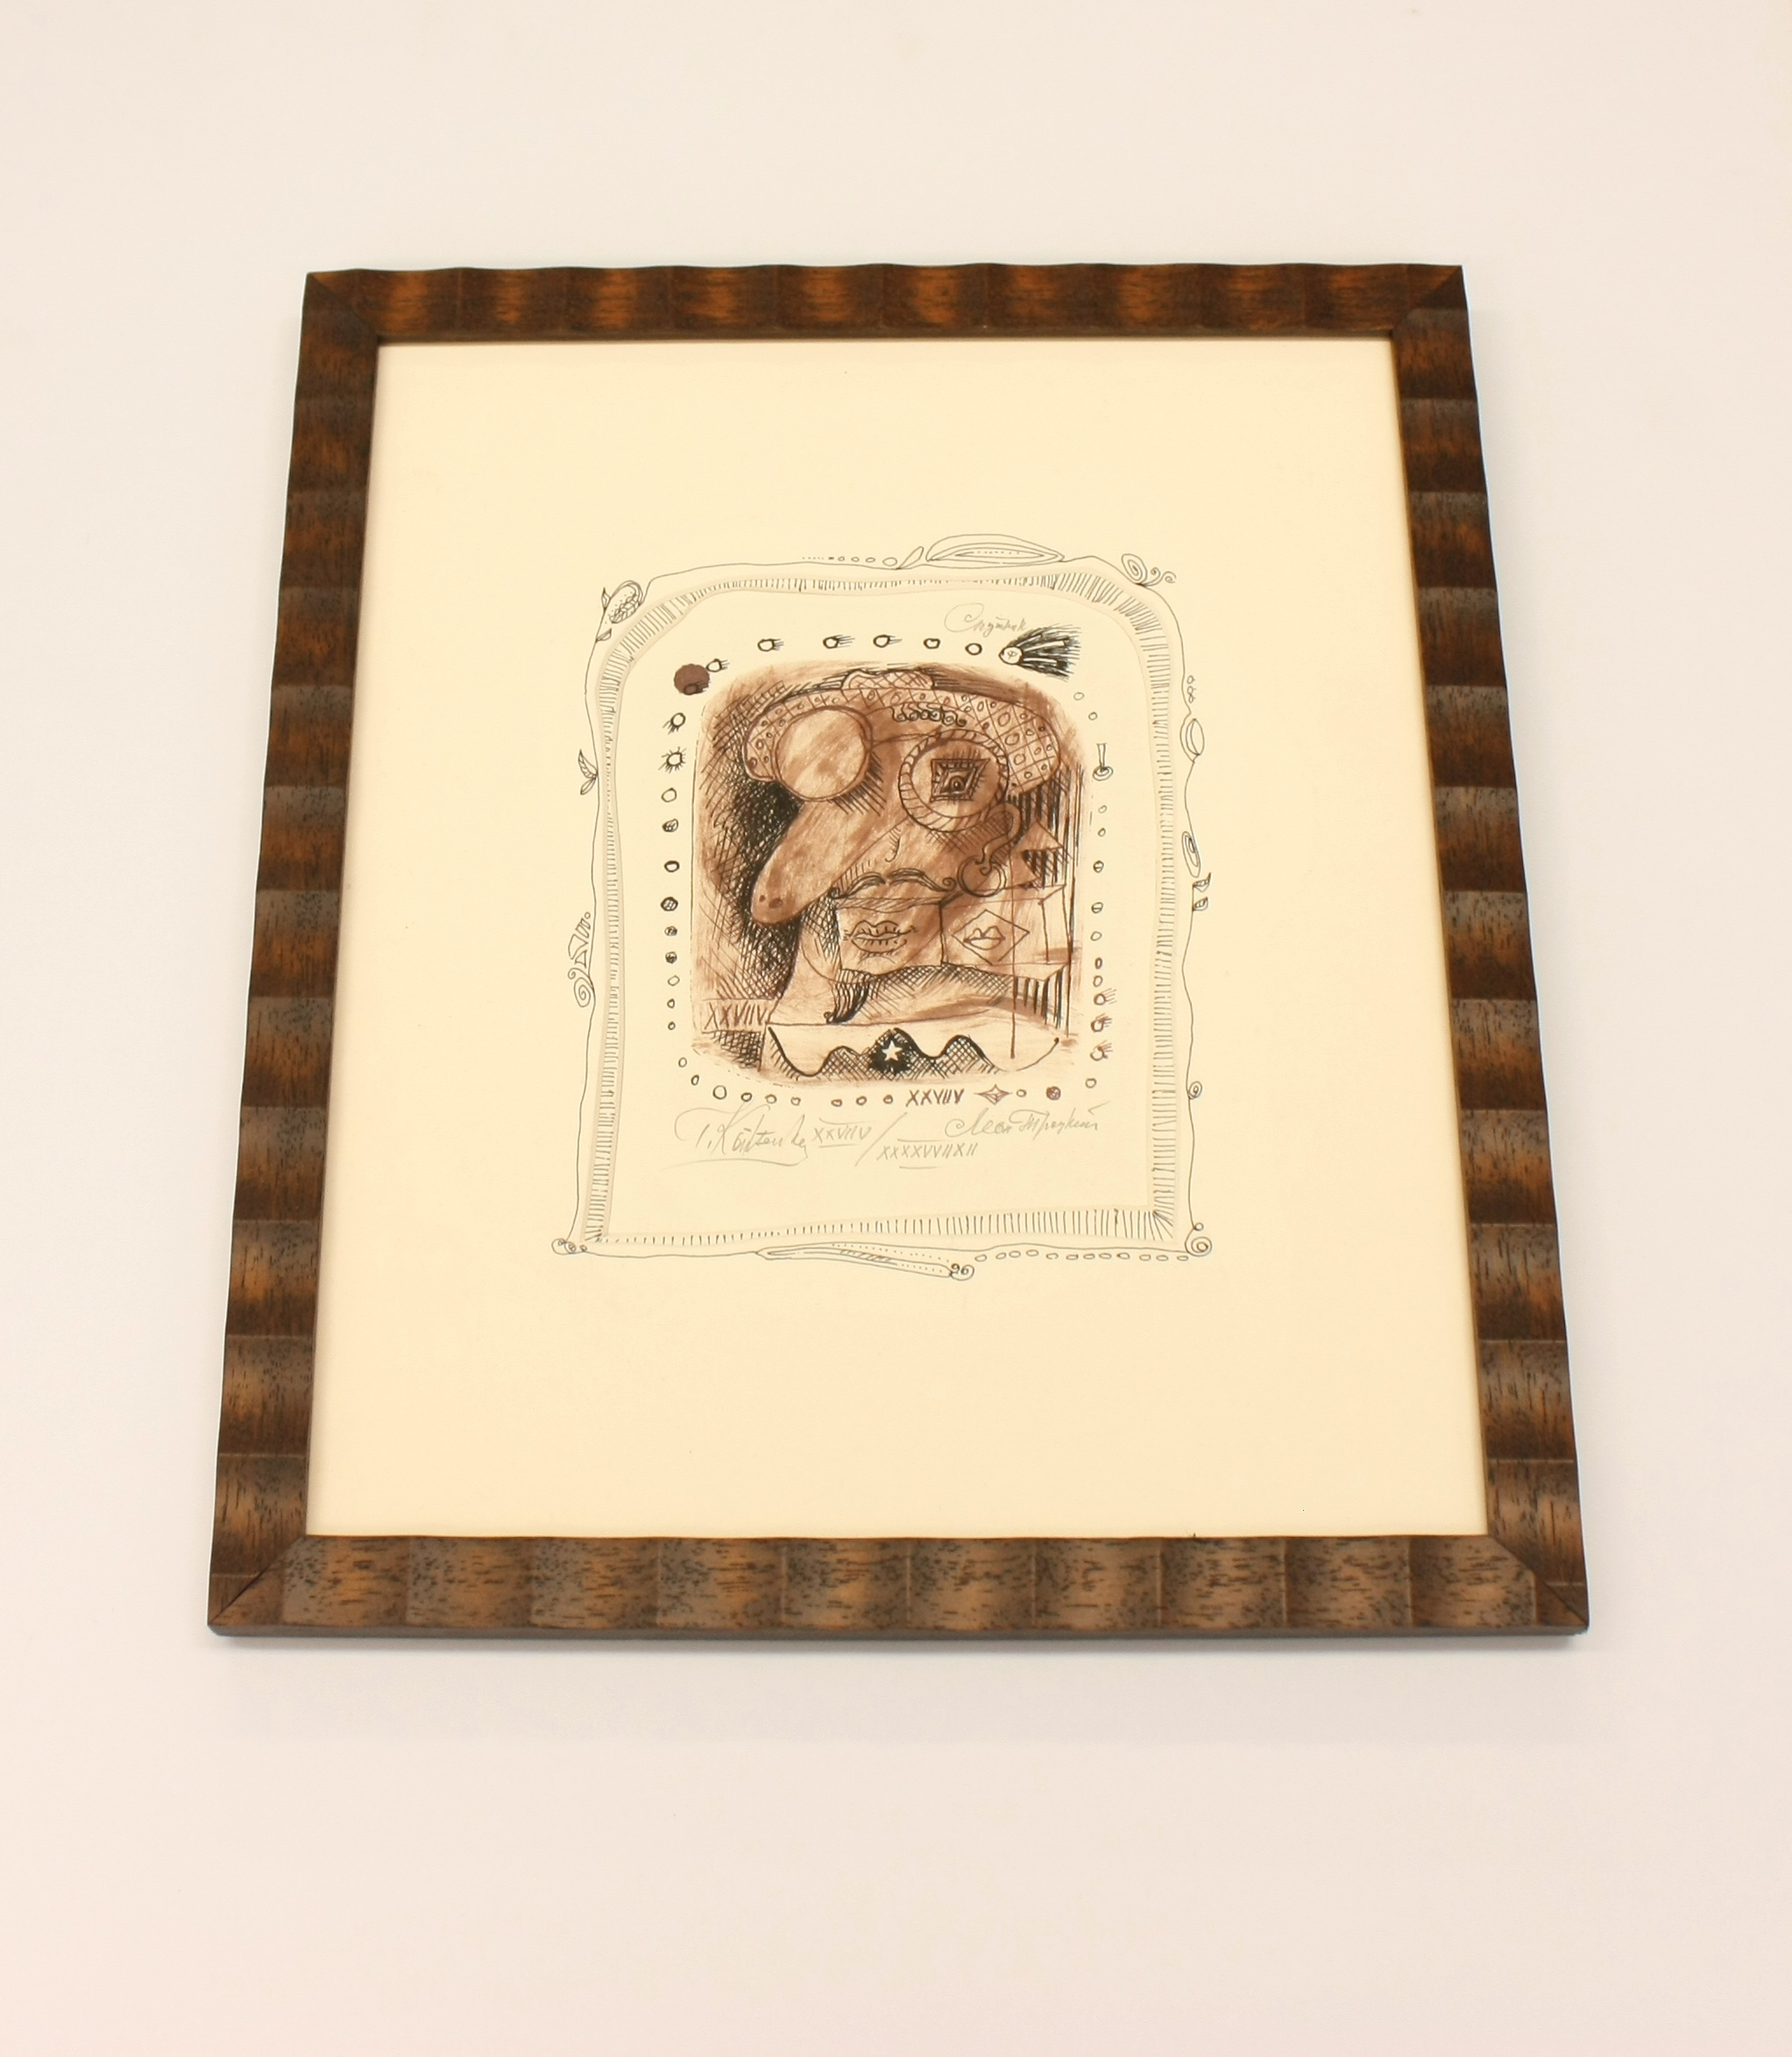 monoprint, uneven mat and decoration